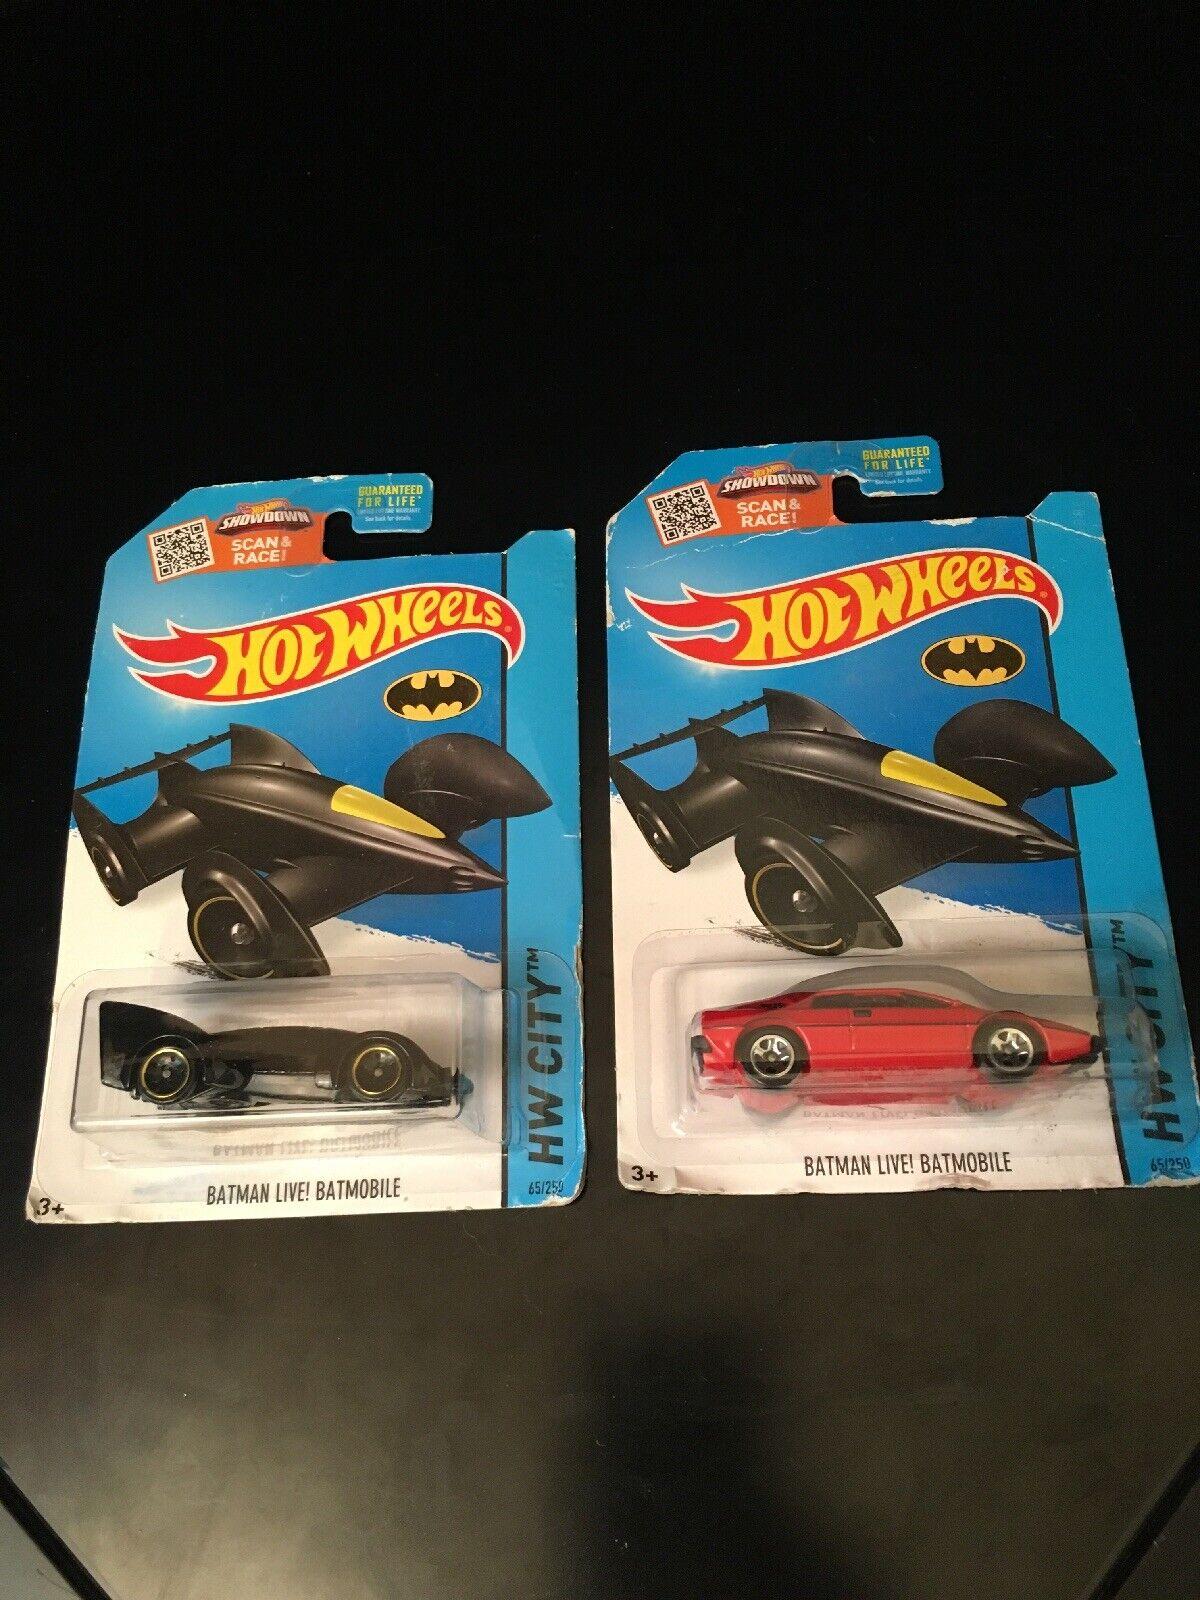 en linea Hot Hot Hot Wheels Hw City 65 Batman Live Batimóvil Lotus Espirit error coche tarjeta equivocada  Entrega rápida y envío gratis en todos los pedidos.